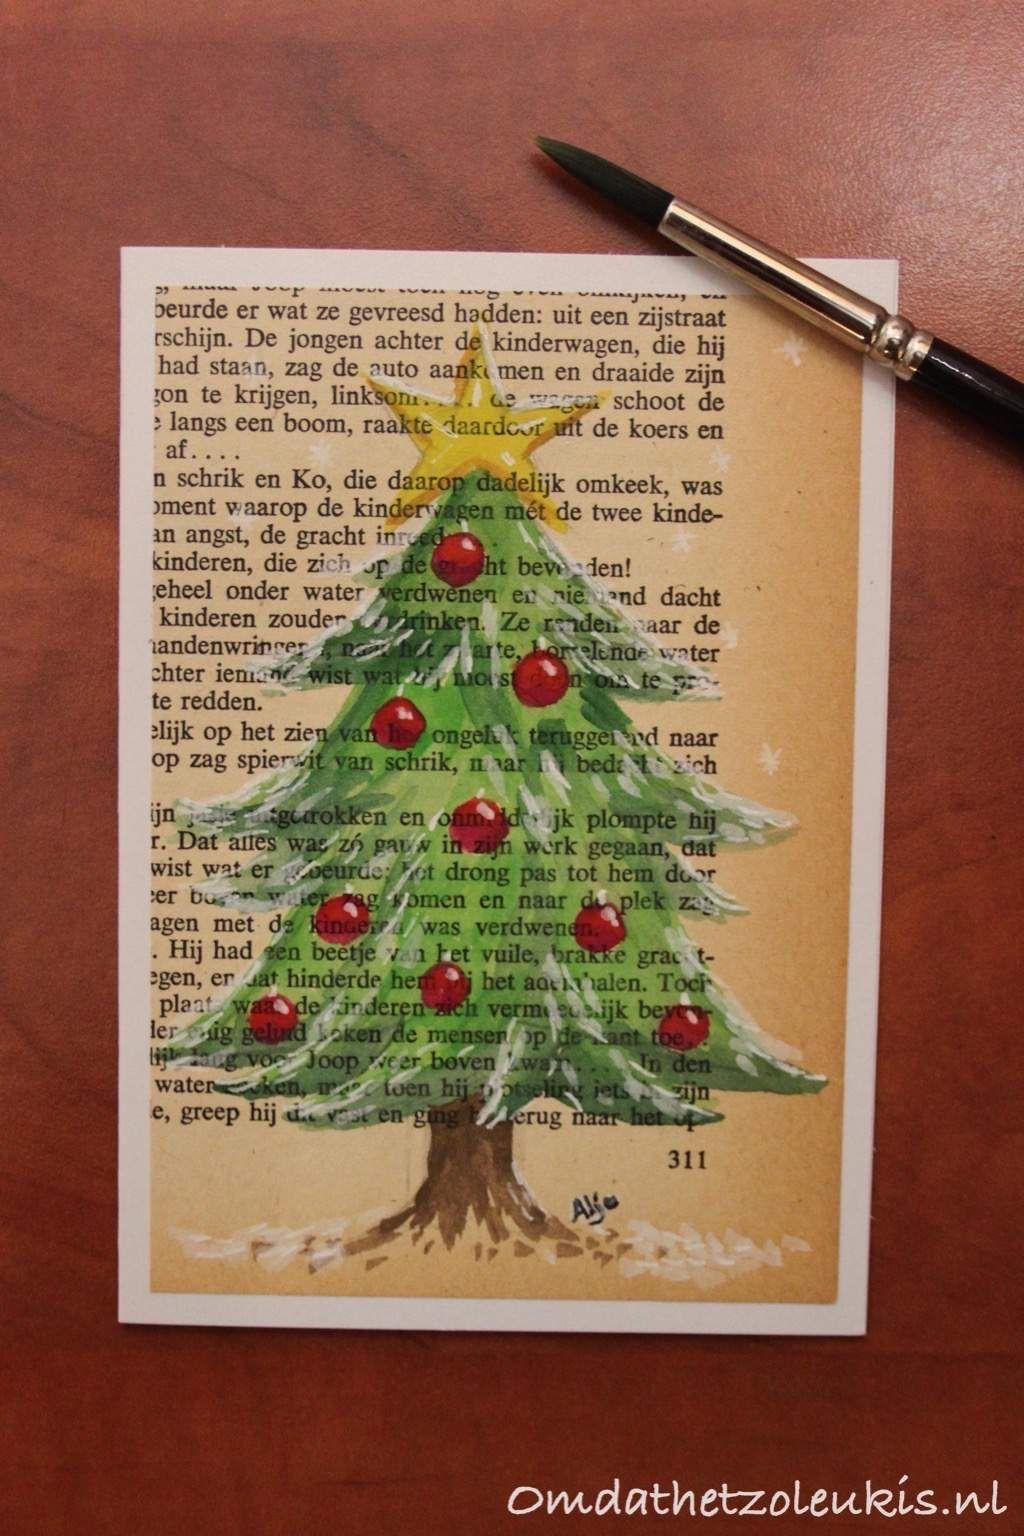 Kerstboom Geschilderd Op Een Bladzijde Uit Een Oud Boek Kerst Oldbook Oudeboeken Schilderen Kerst Oude Boeken En Wenskaarten